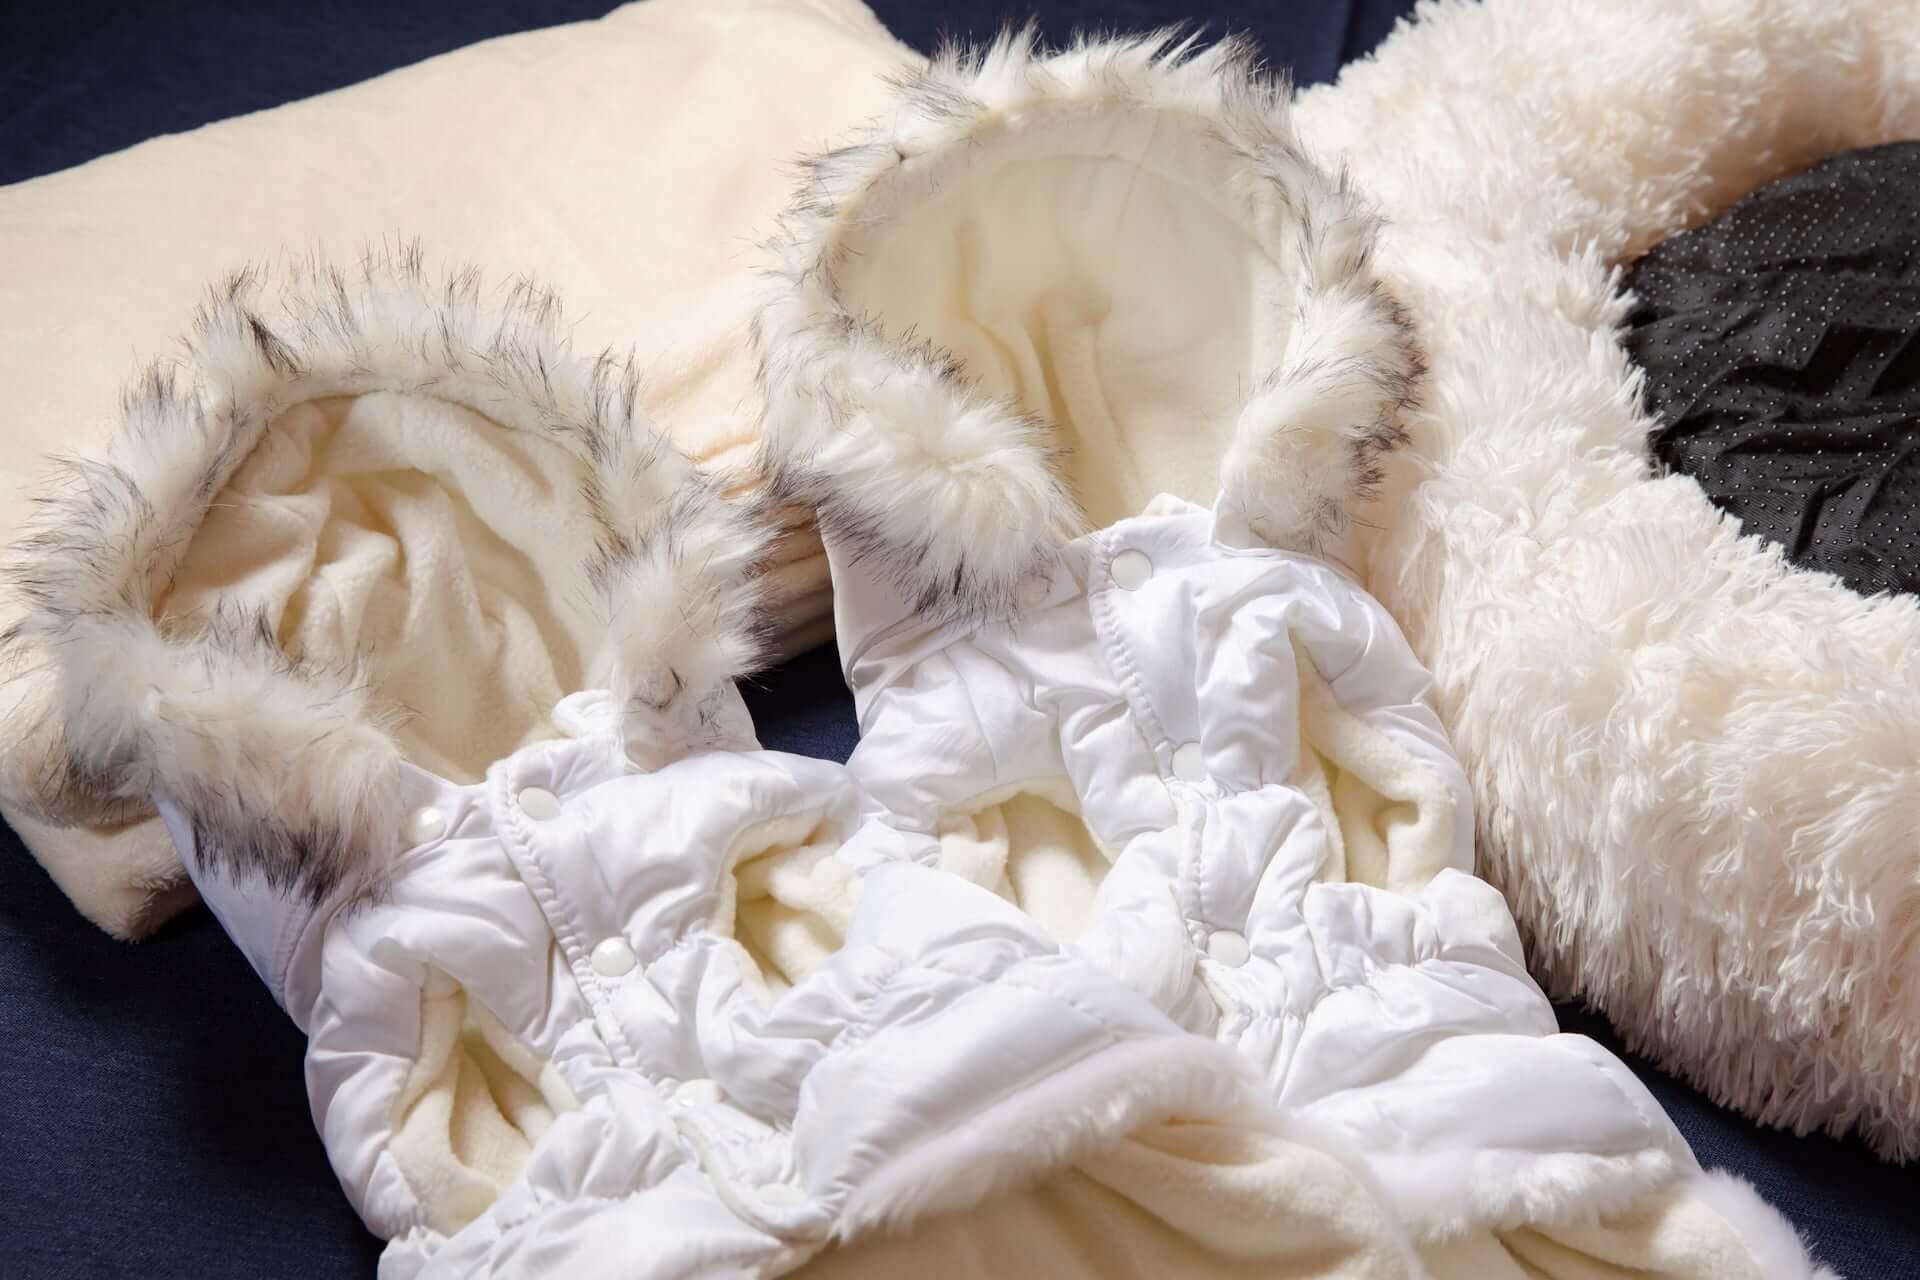 「氷の露天風呂」も堪能できる氷のホテルが北海道最大級のスノーリゾート・星野リゾート トマムに今年も登場! art201202_tomamu_1-1920x1280